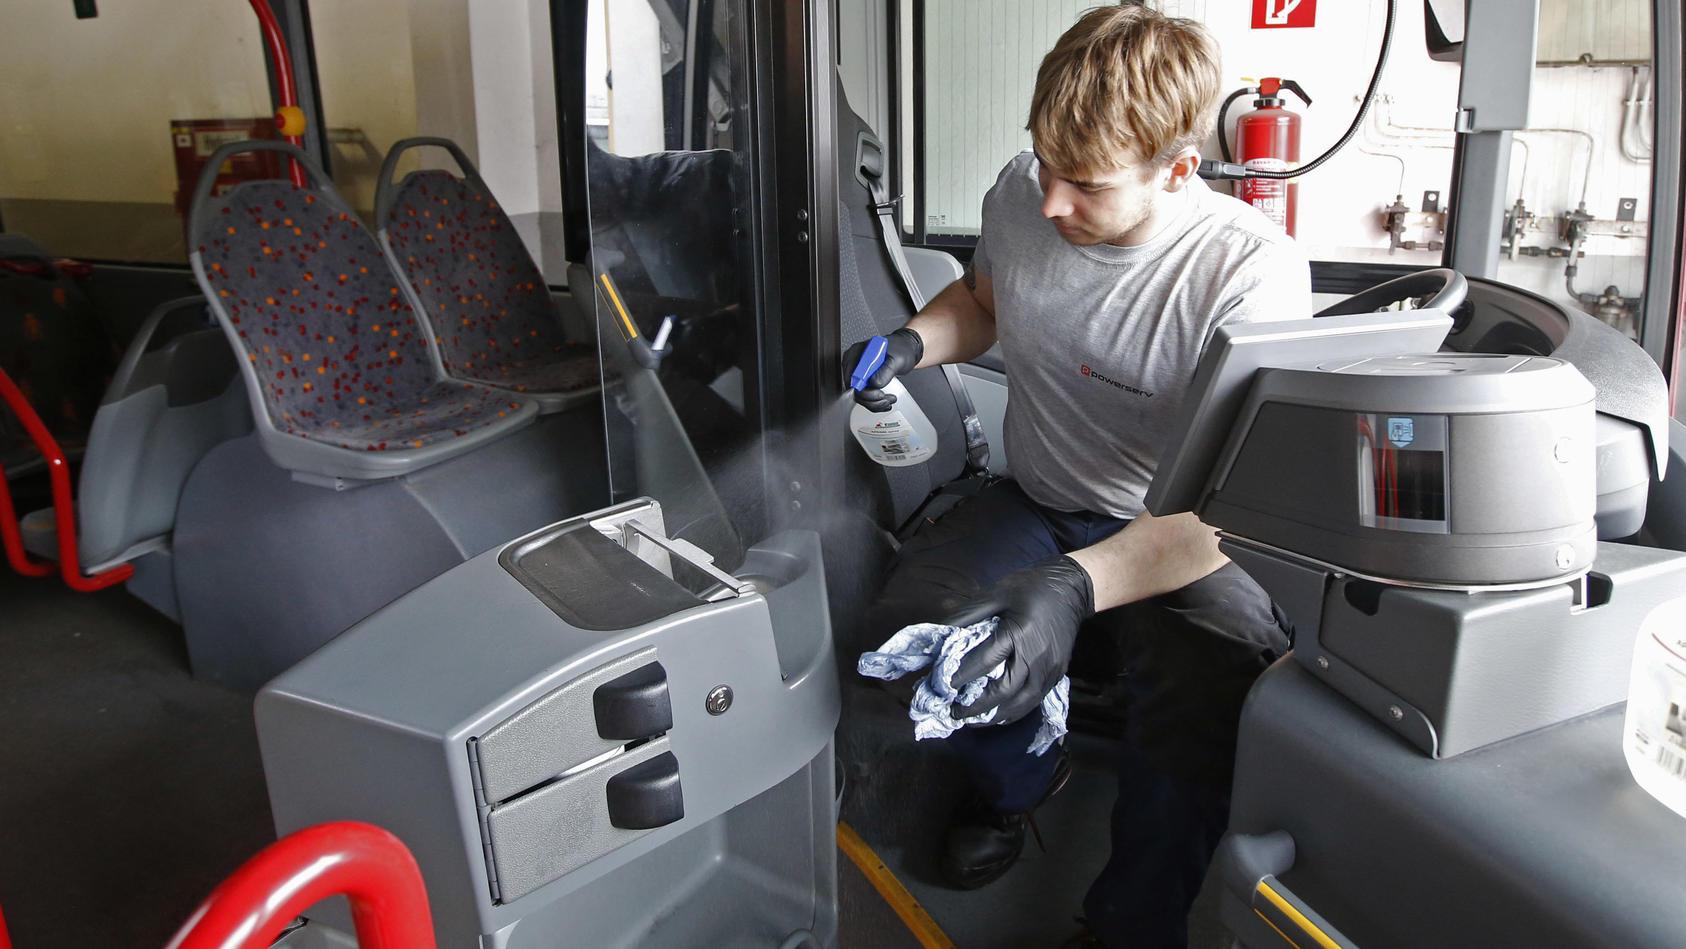 Nachdem ein Fahrer an Masern erkrankt war, hat die österreichische Stadt Klagenfurt den Busbetrieb eingestellt.